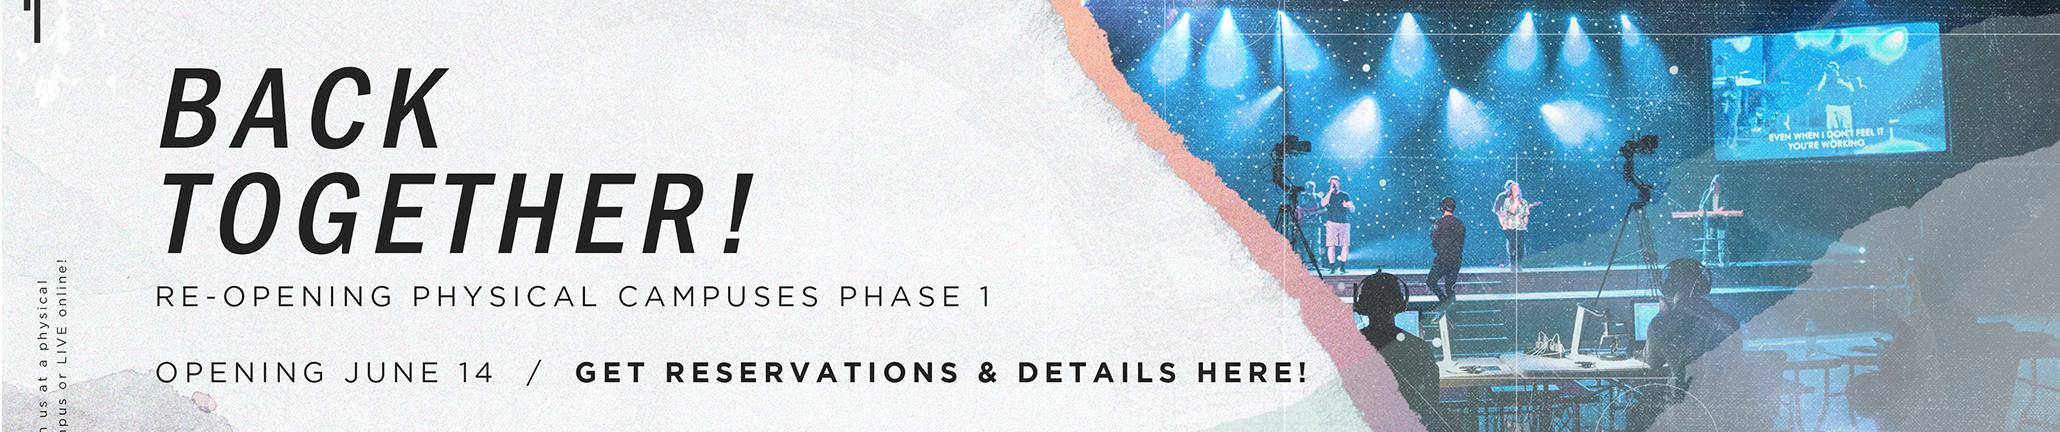 Back Together UPDATED HP Banner